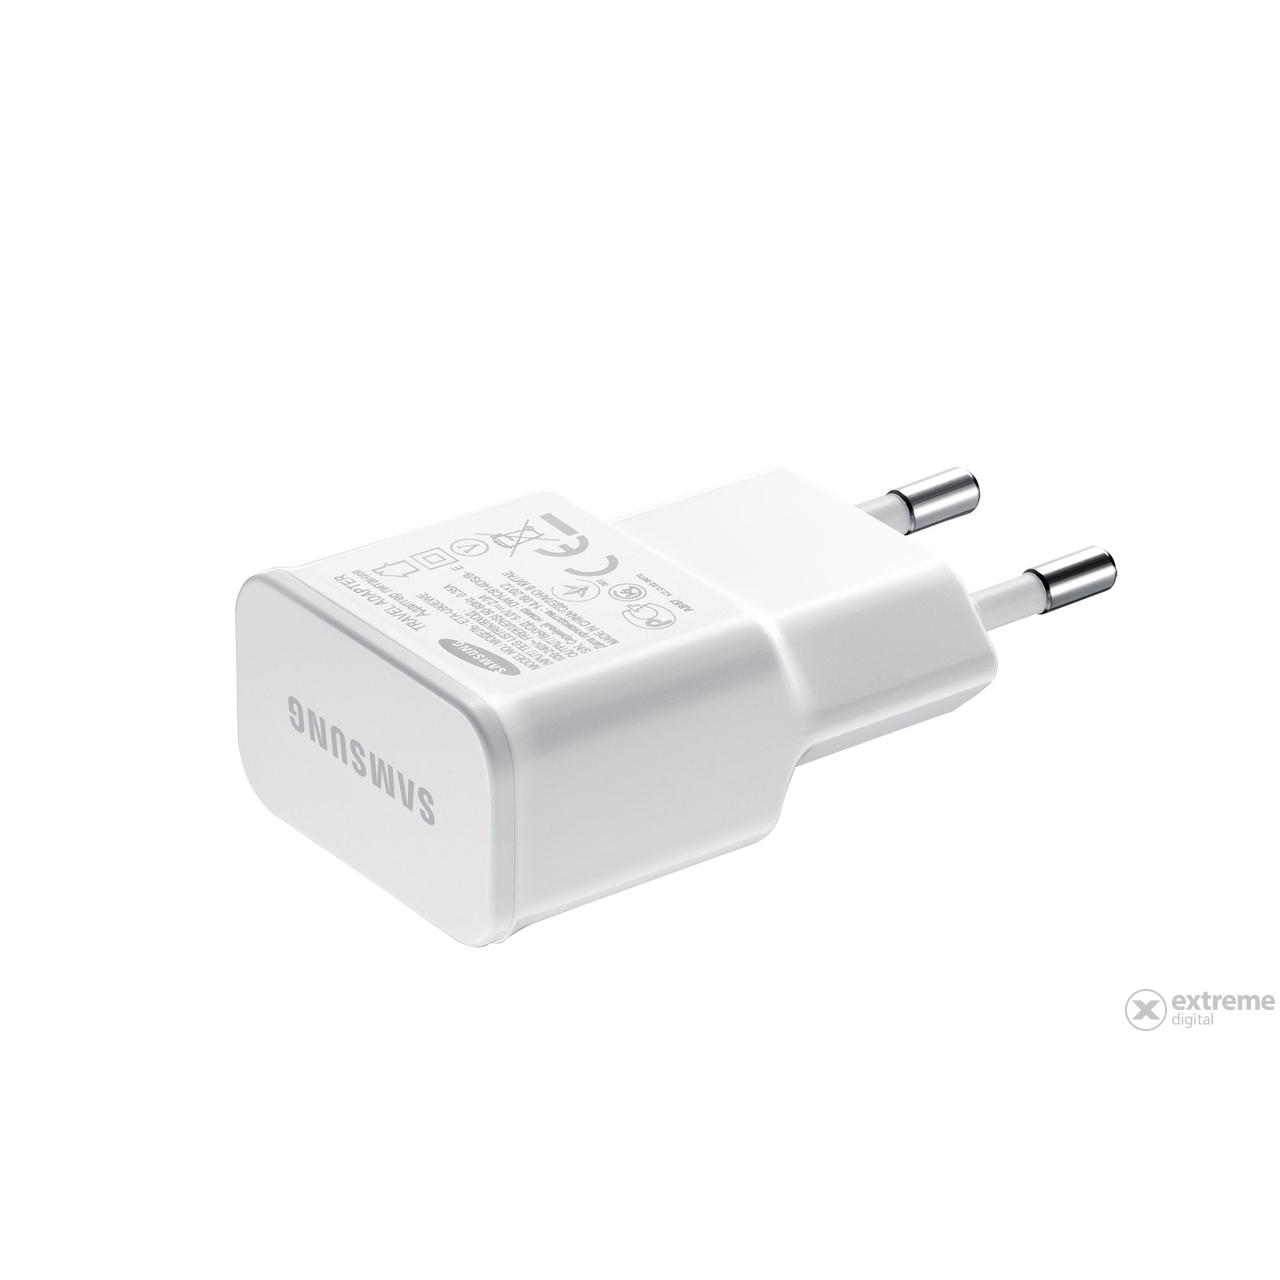 Samsung ETA U90 utazó töltő micro USB, 5V 2A, fehér